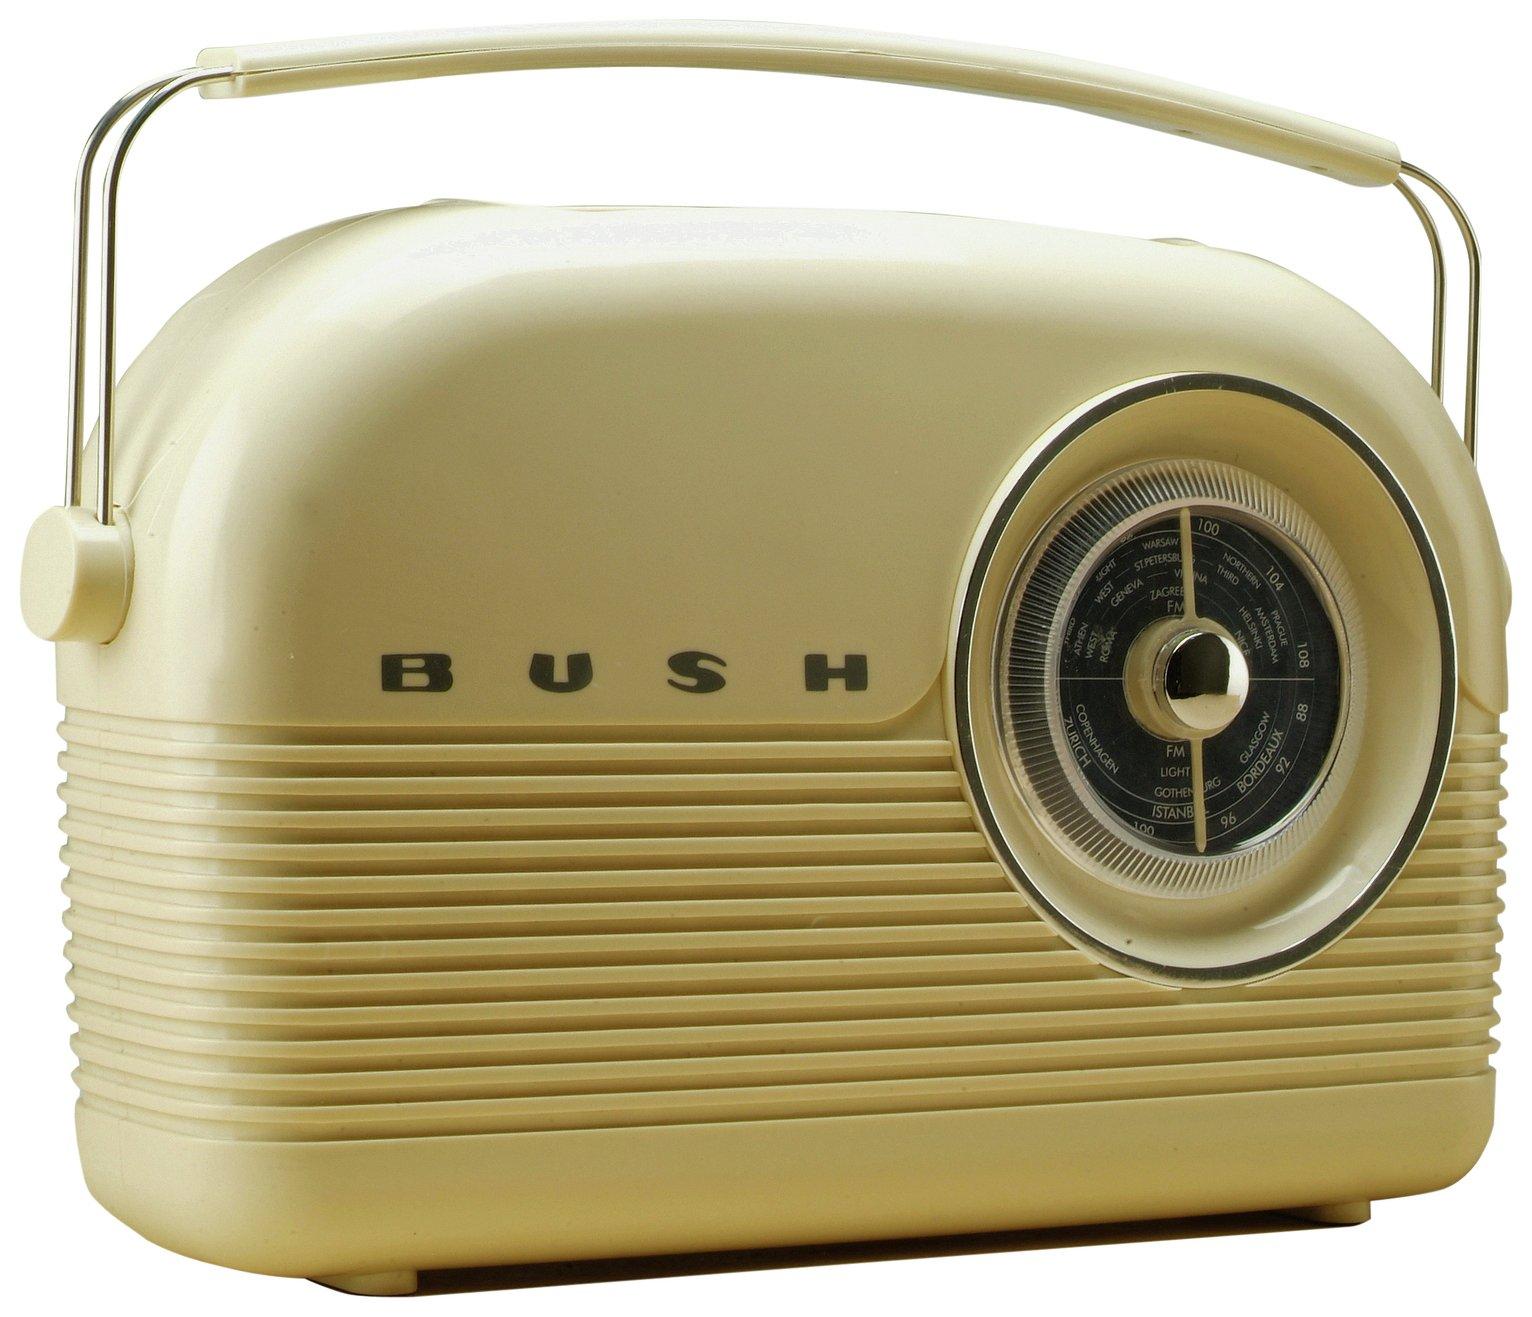 Image of Bush - Classic Retro FM Radio